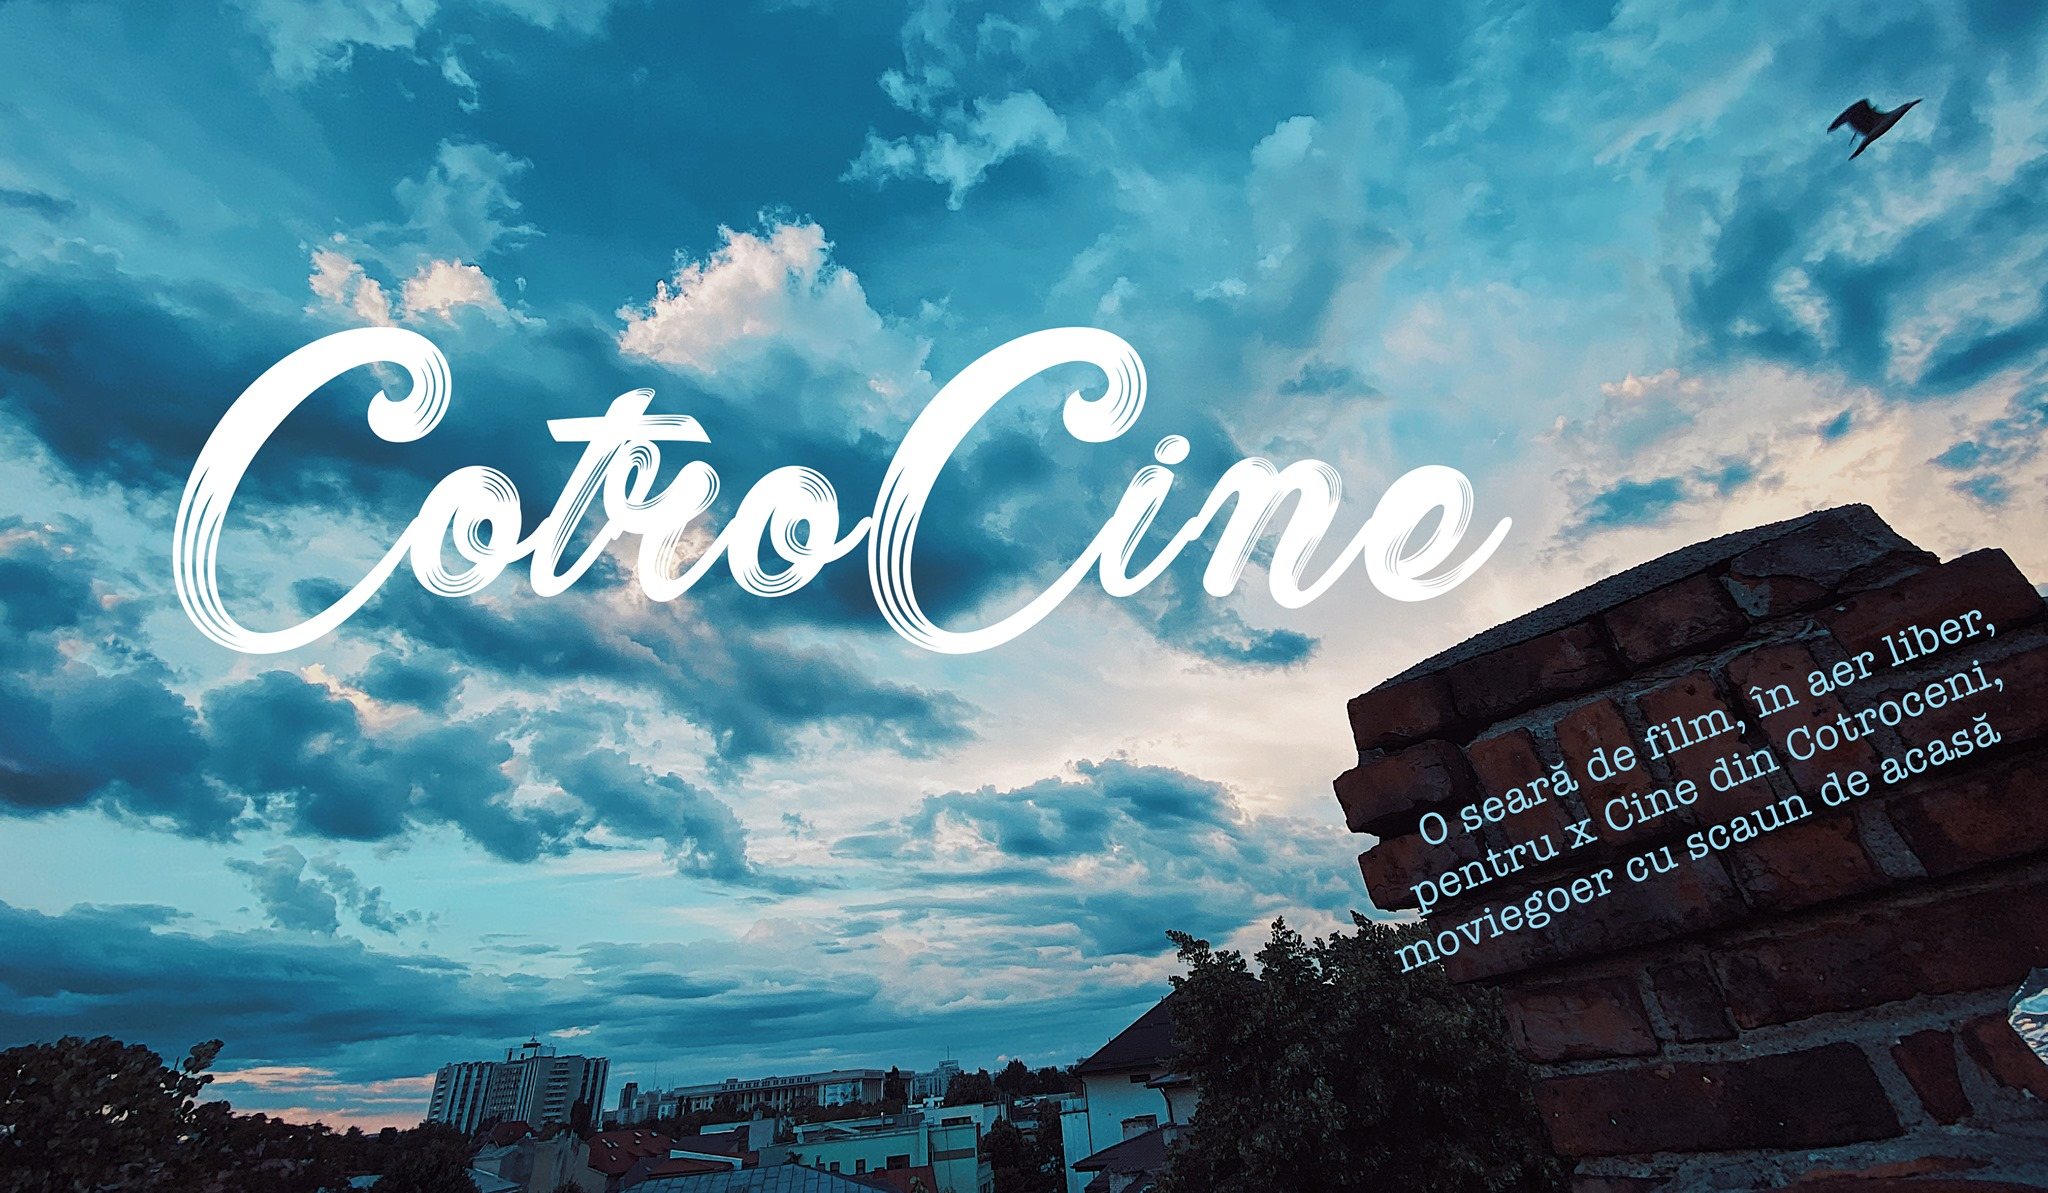 evenimente weekend 10-12 iulie  Cotro-Cine